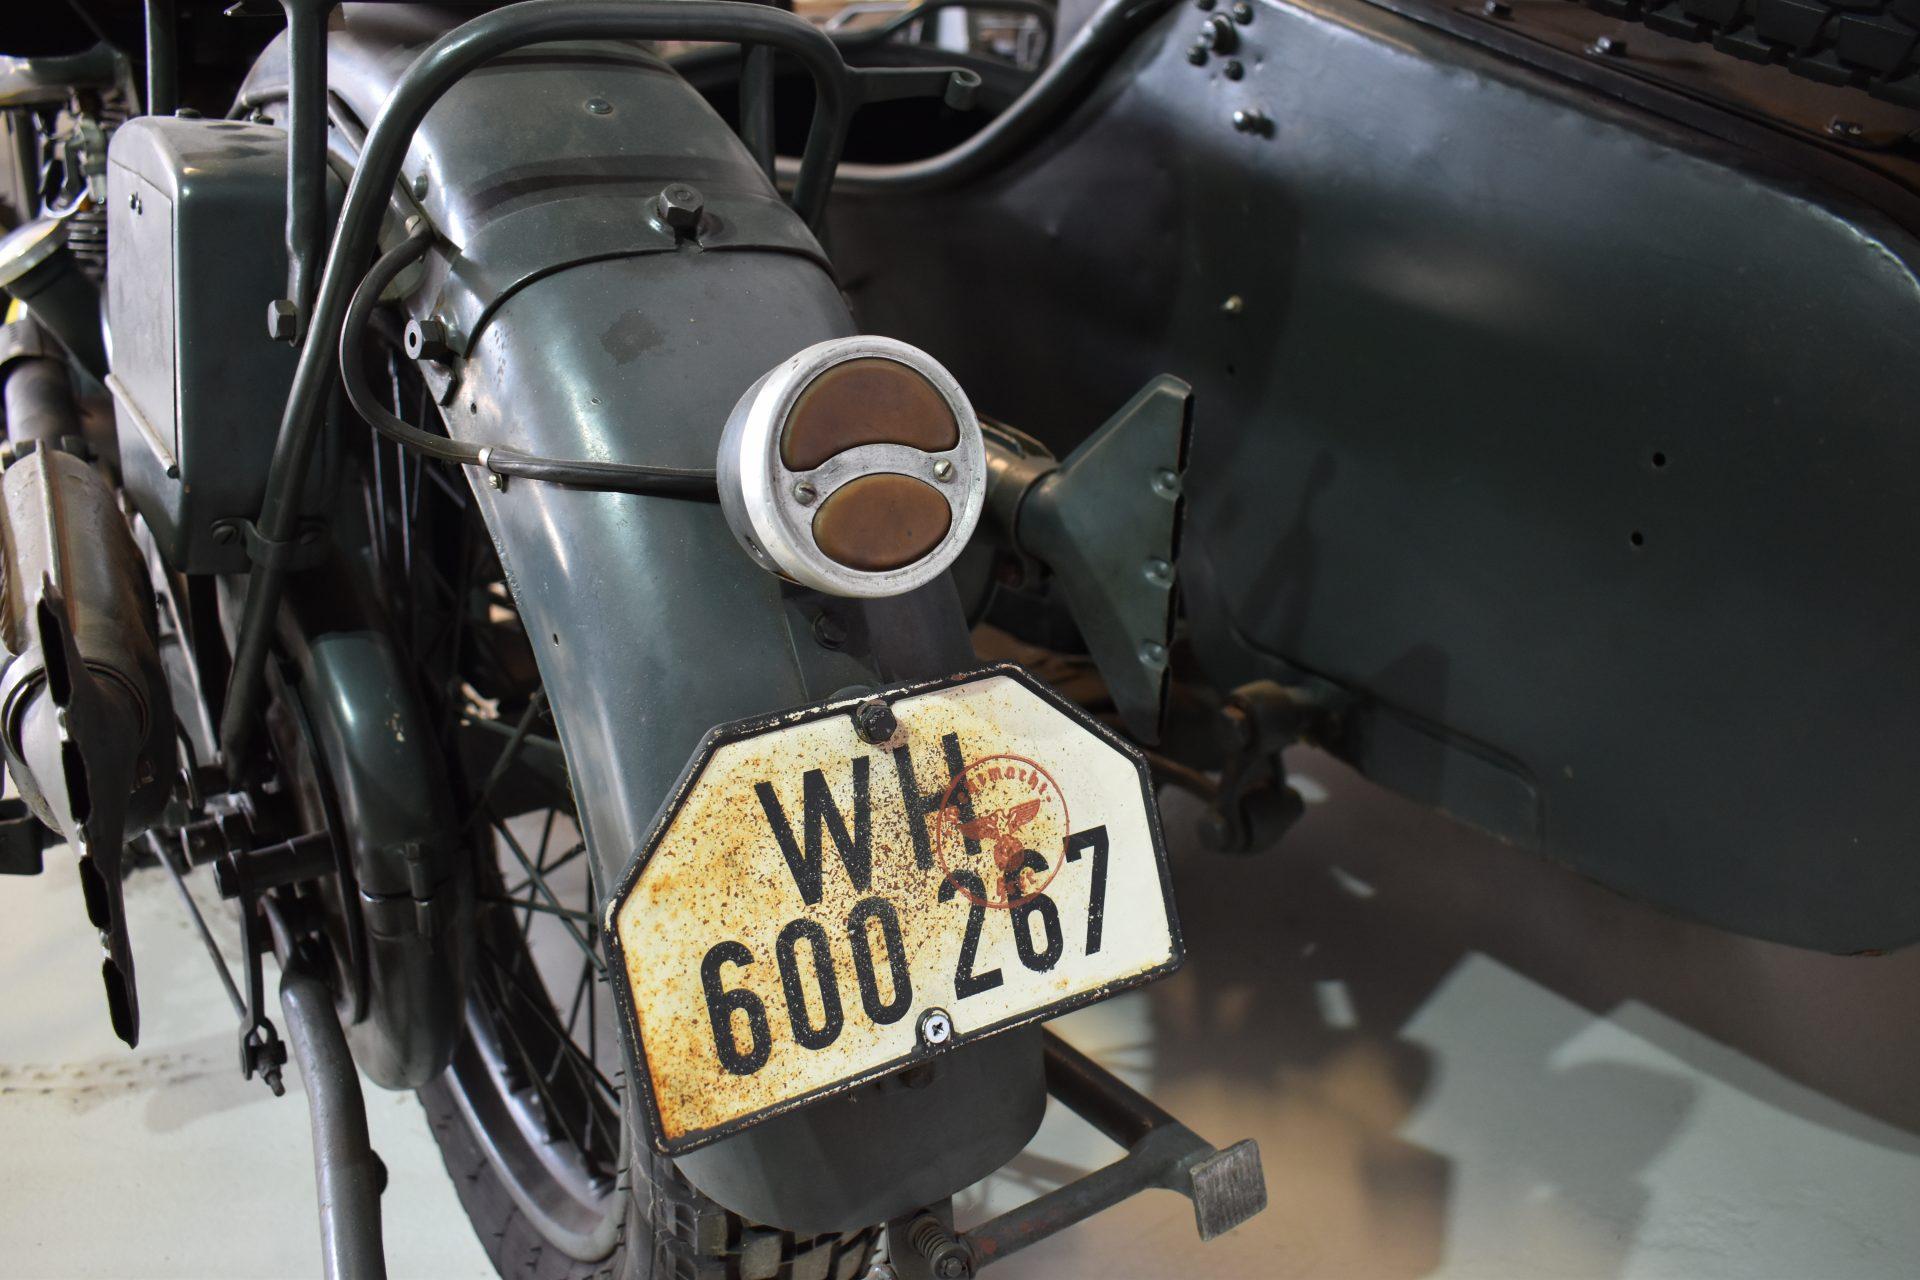 NSU 601 OSL rear